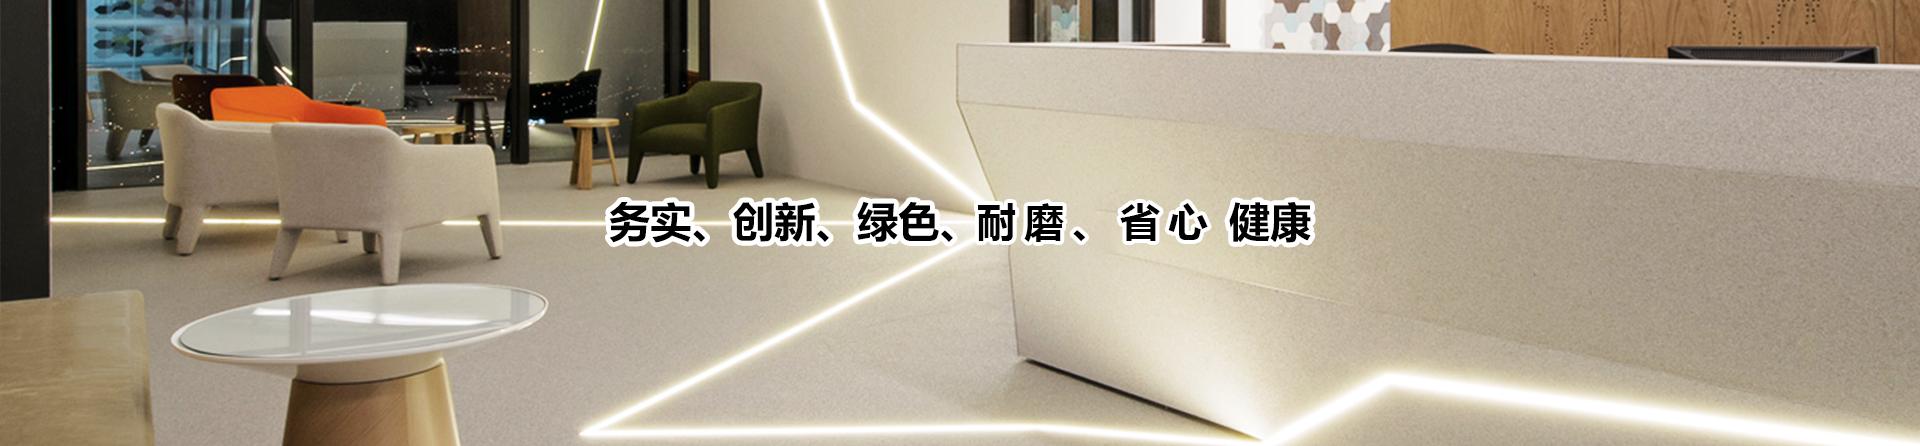 东莞市美西卡实业投资有限公司